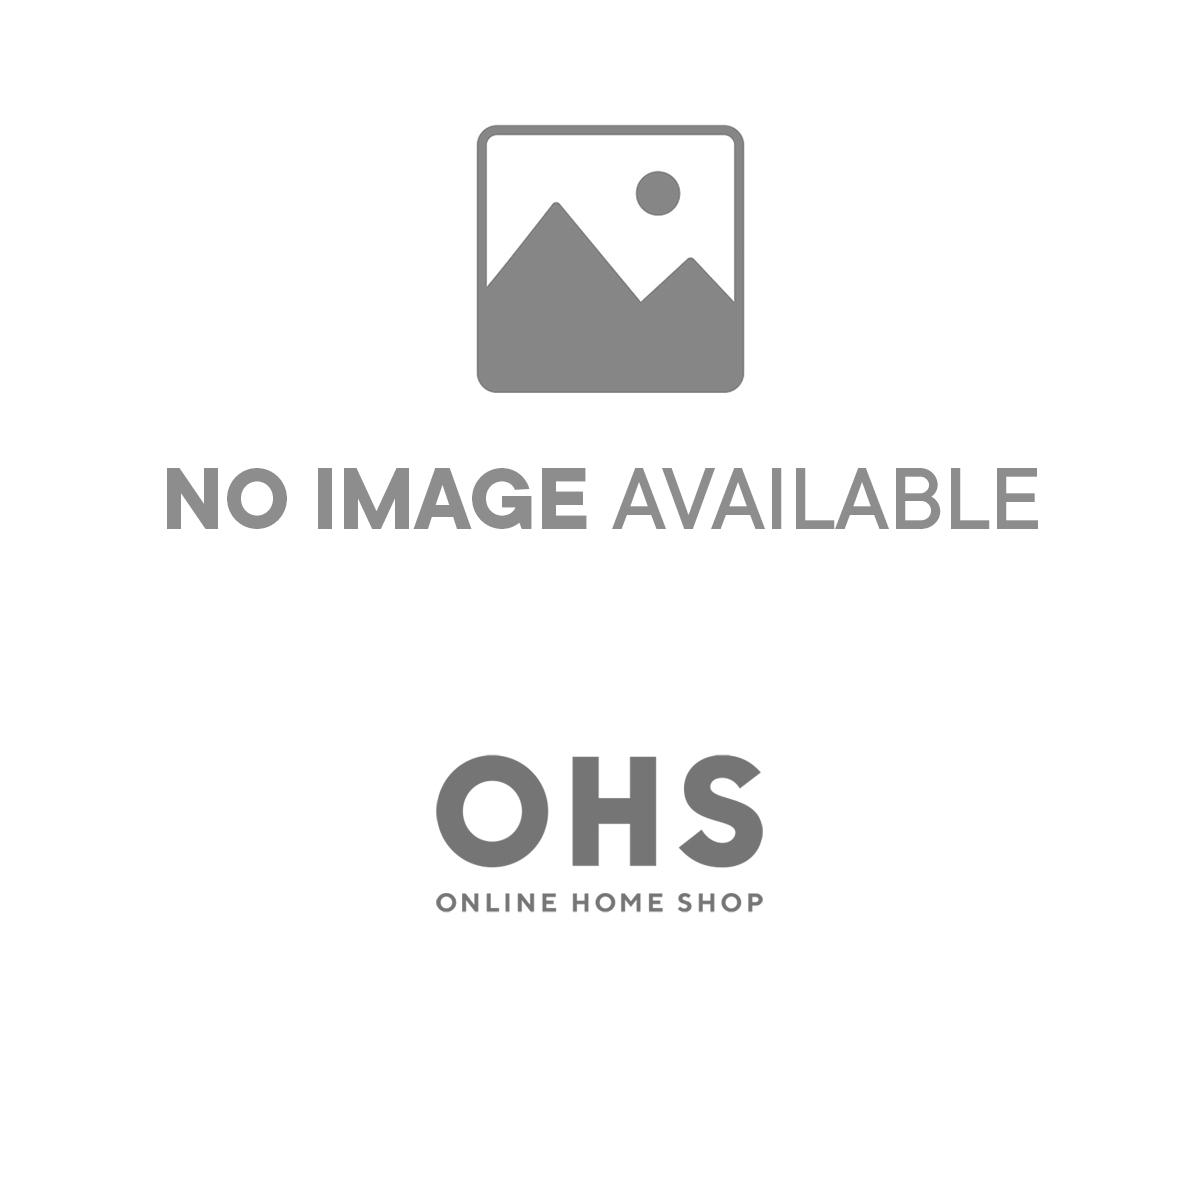 Highams Mohair Throw, Charcoal Grey - 150 x 200cm